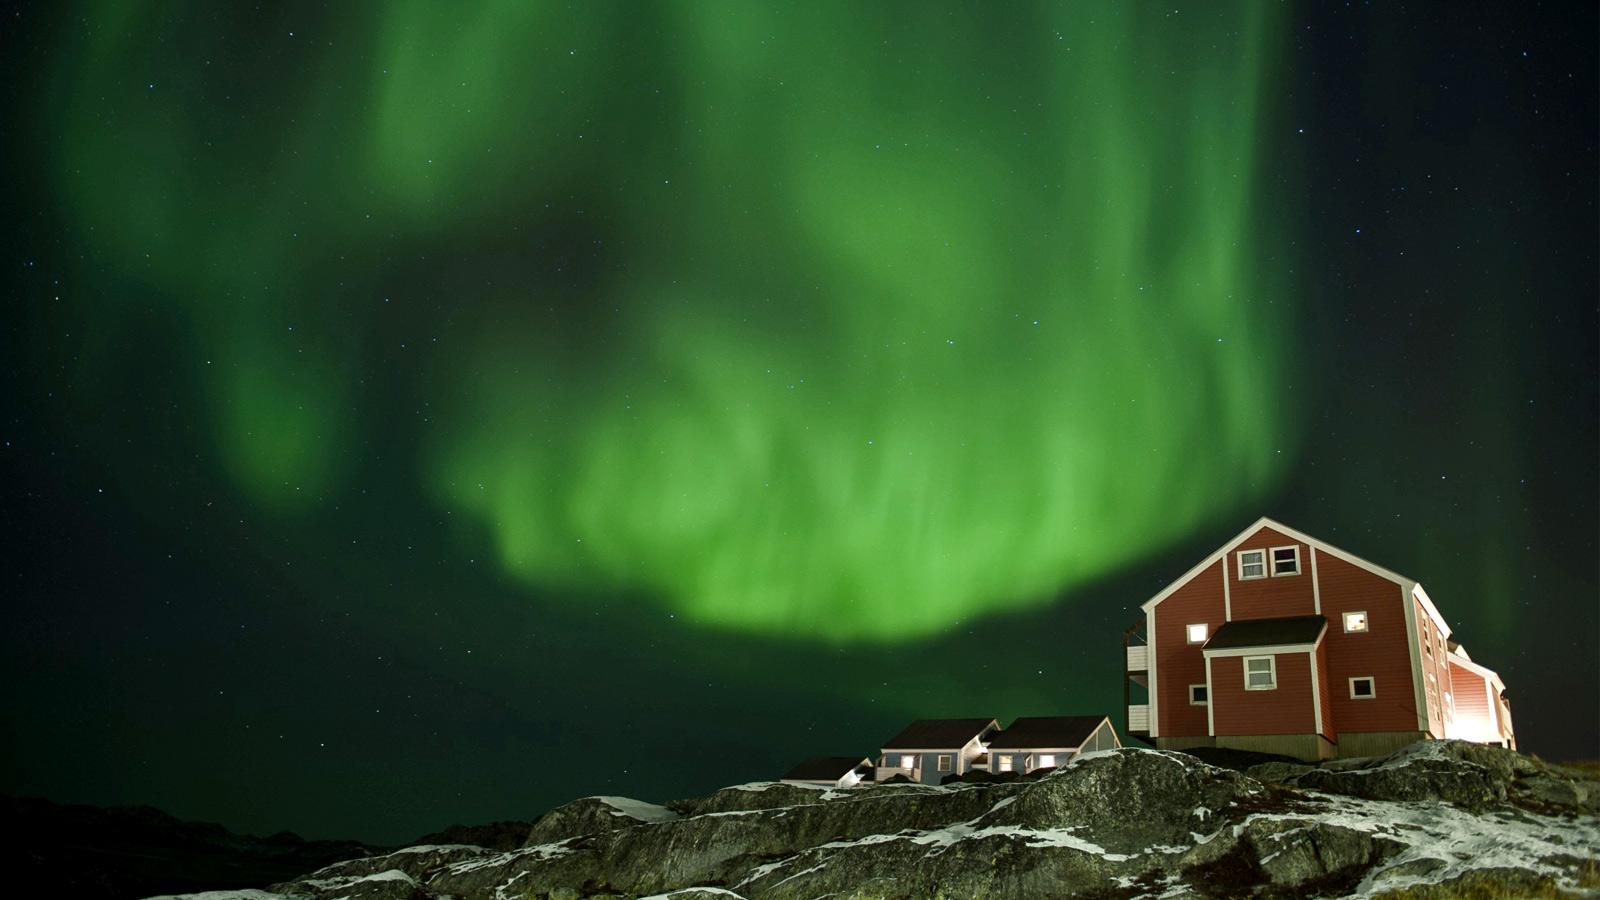 Nordlichter un Grönland in der Arktis am Norpol und Spitzbergen traveljunkies